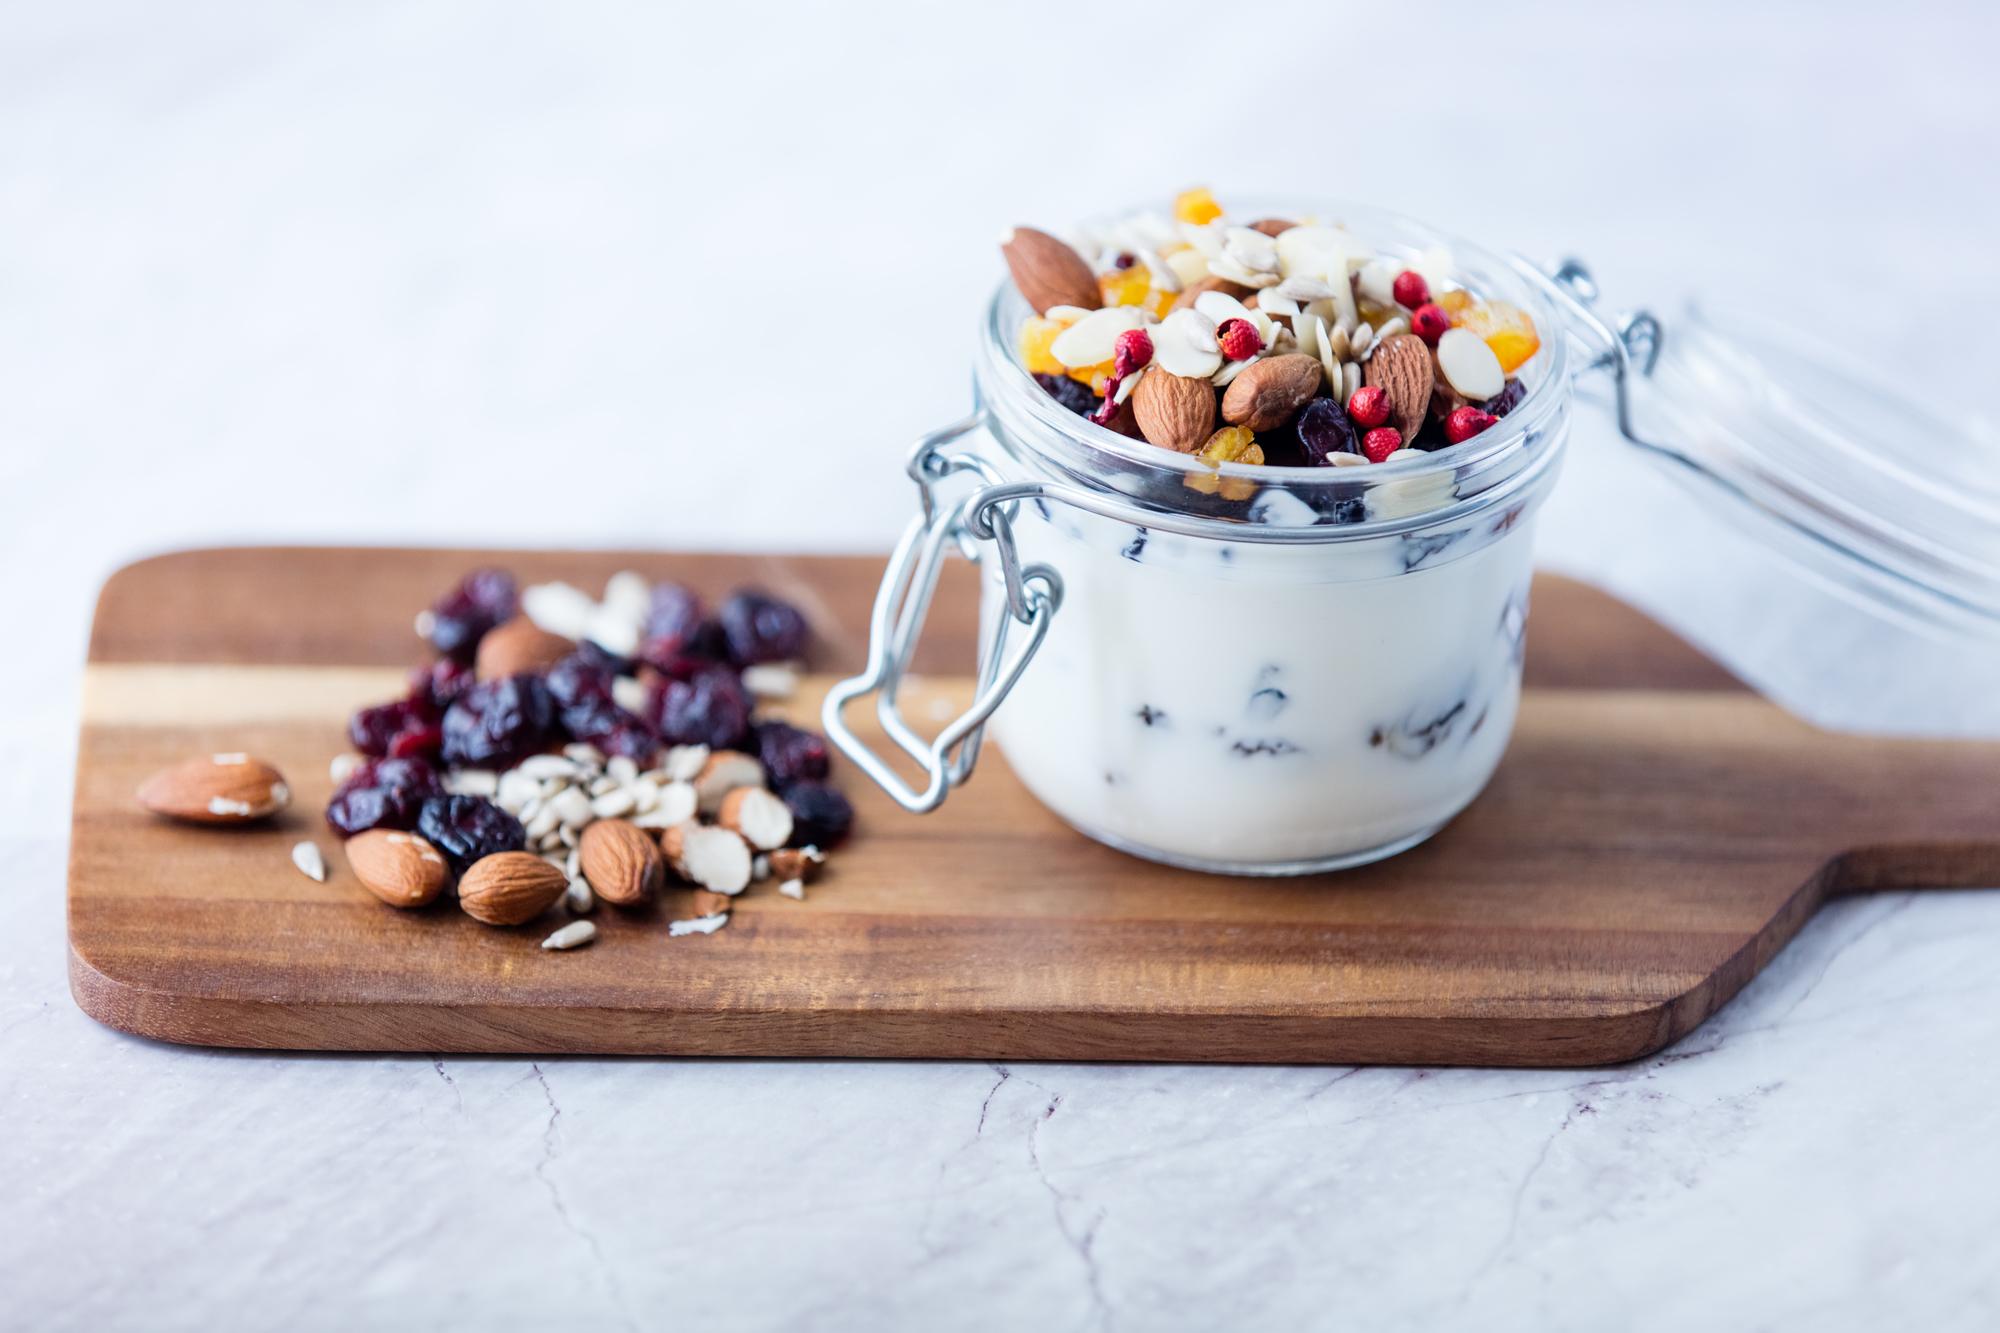 Как приготовить домашний йогурт без йогуртницы: 2 рецепта